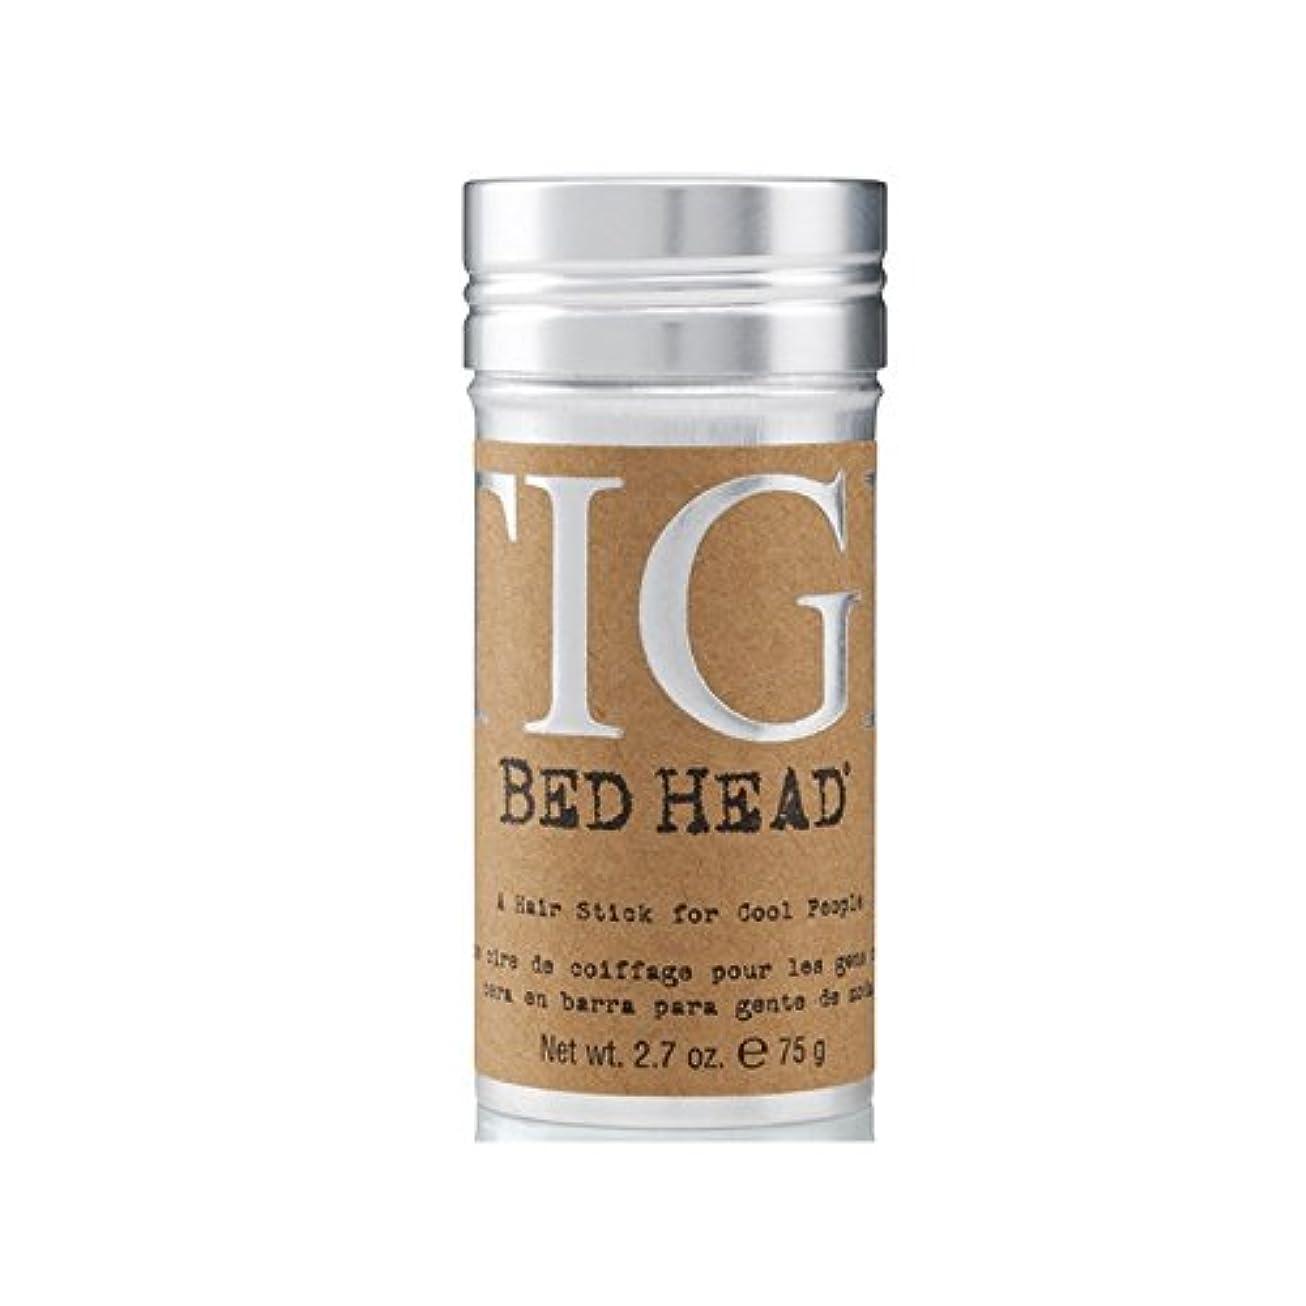 効果的契約したモンキーTigi Bed Head Wax Stick (75G) (Pack of 6) - ティジーベッドヘッドワックススティック(75グラム) x6 [並行輸入品]